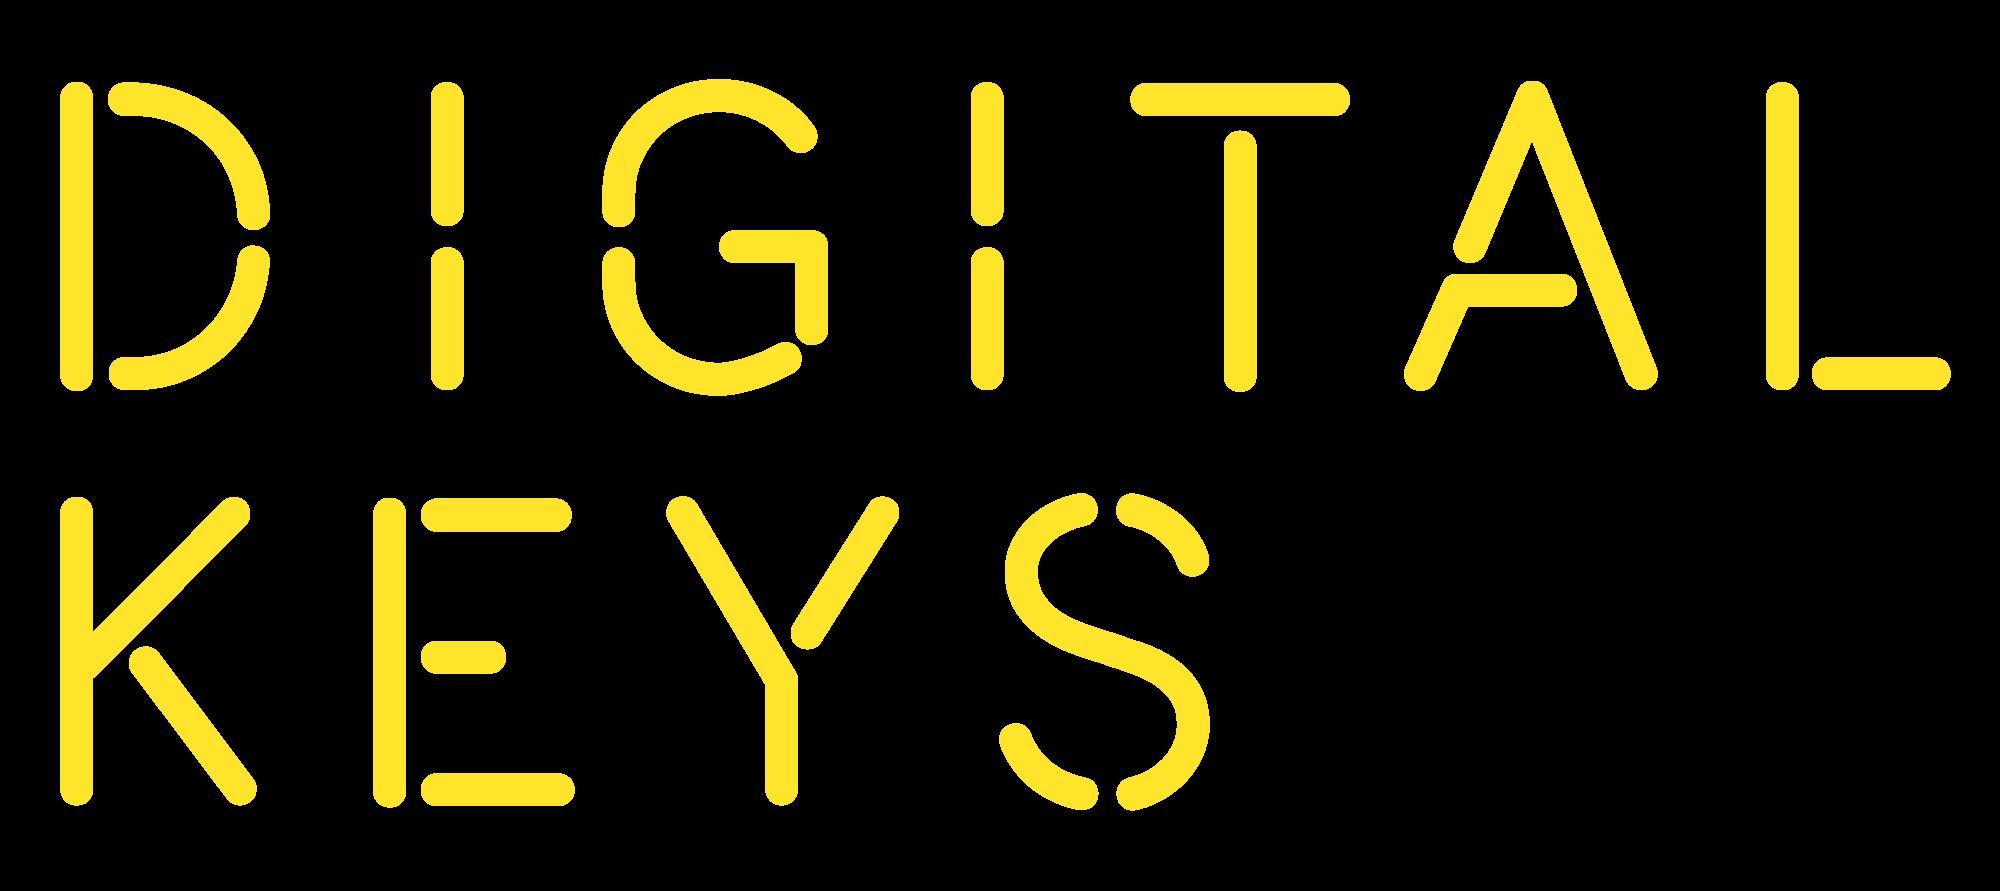 Digitalkeys logo